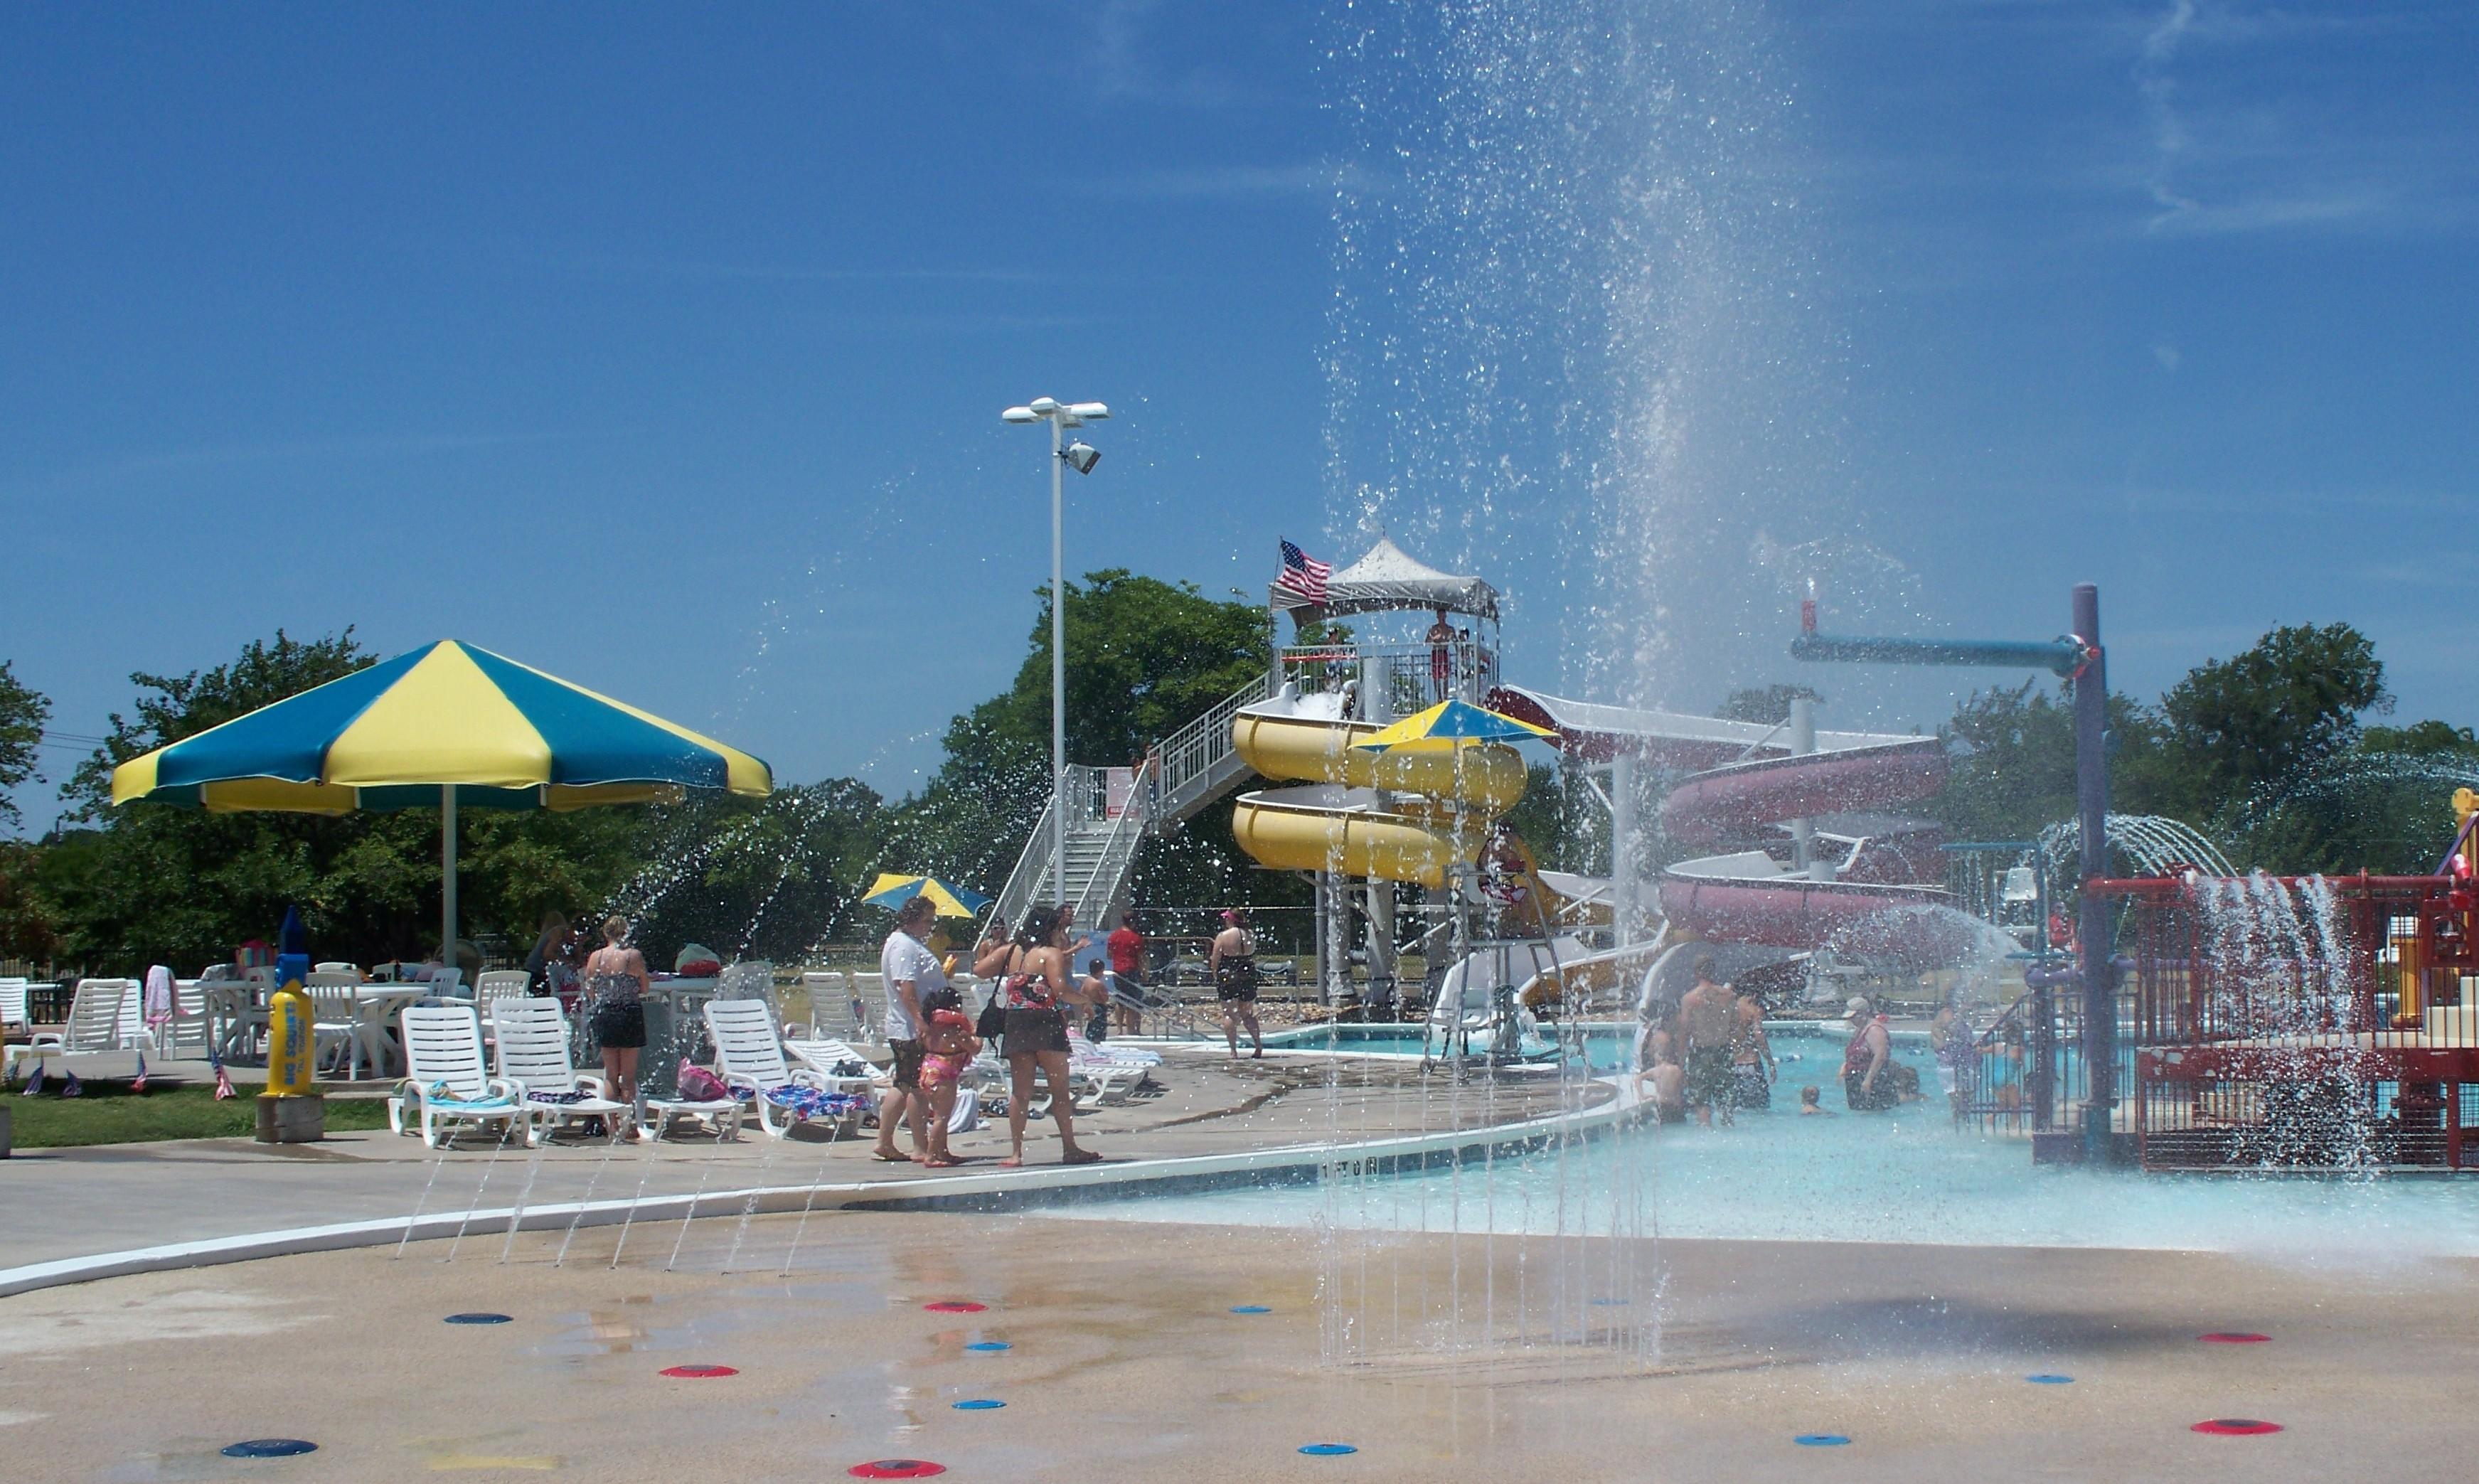 Splash_Station_Leisure_Pool.JPG-w3486.jpg